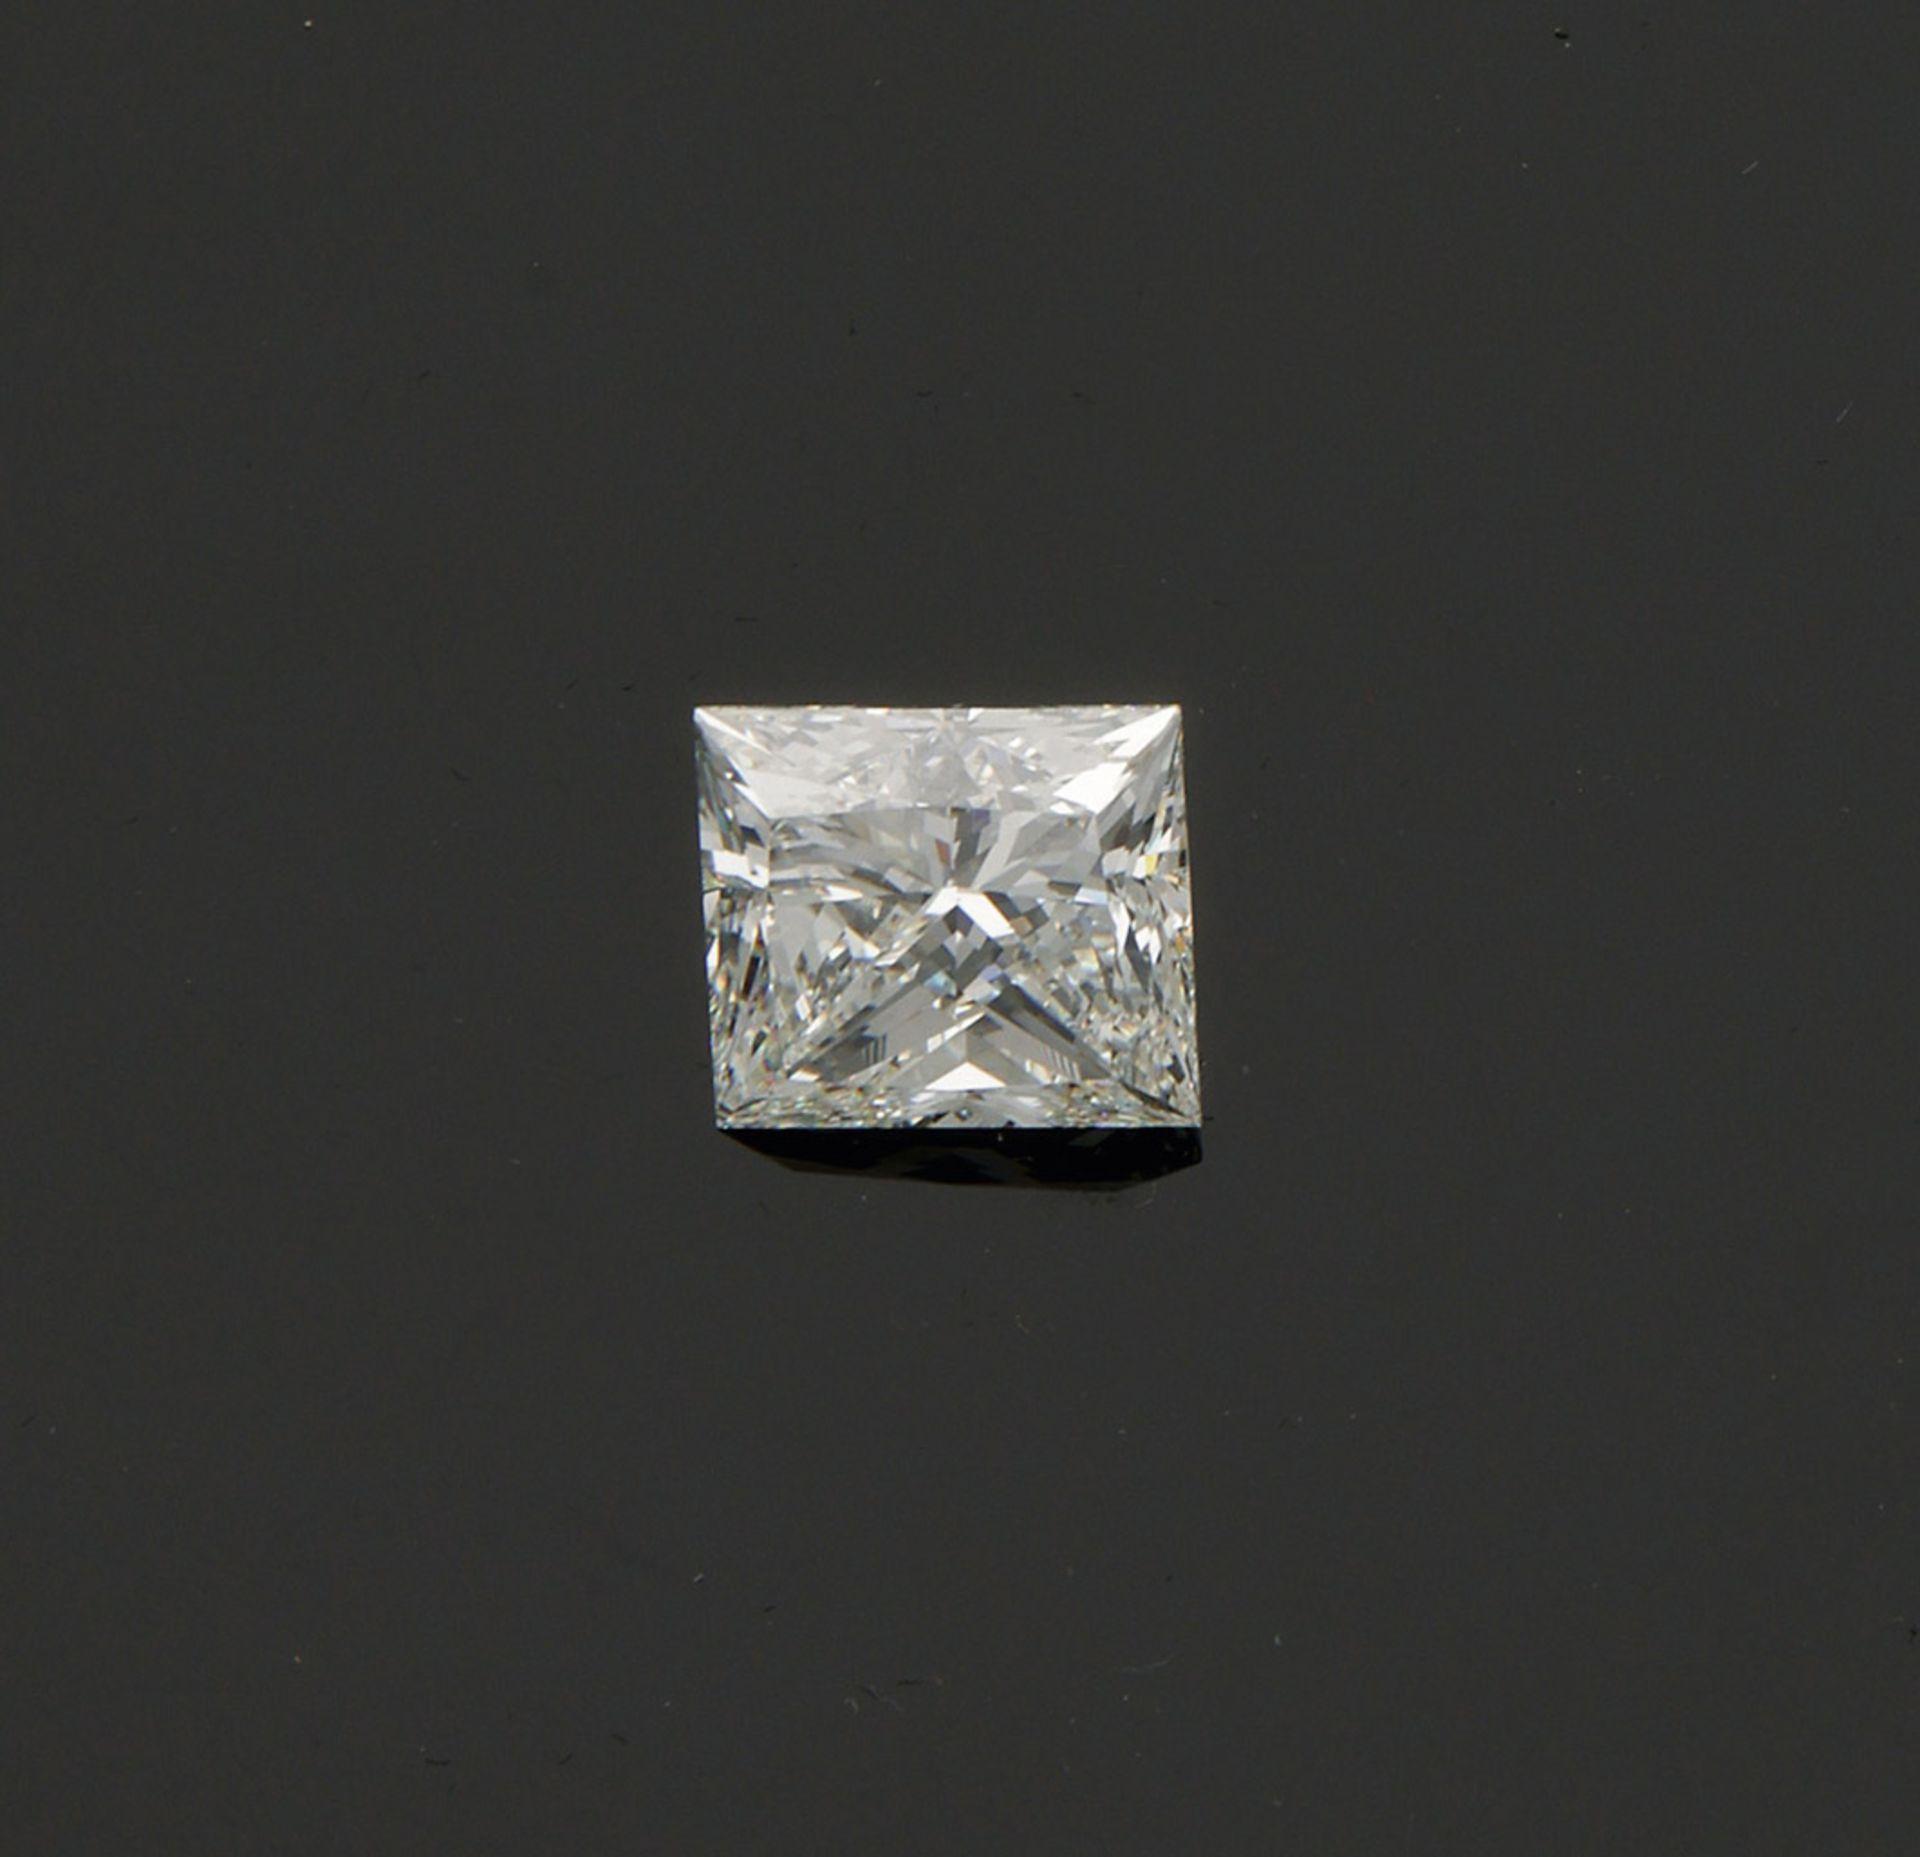 Hochfeiner Diamant-Solitär im Princesscut